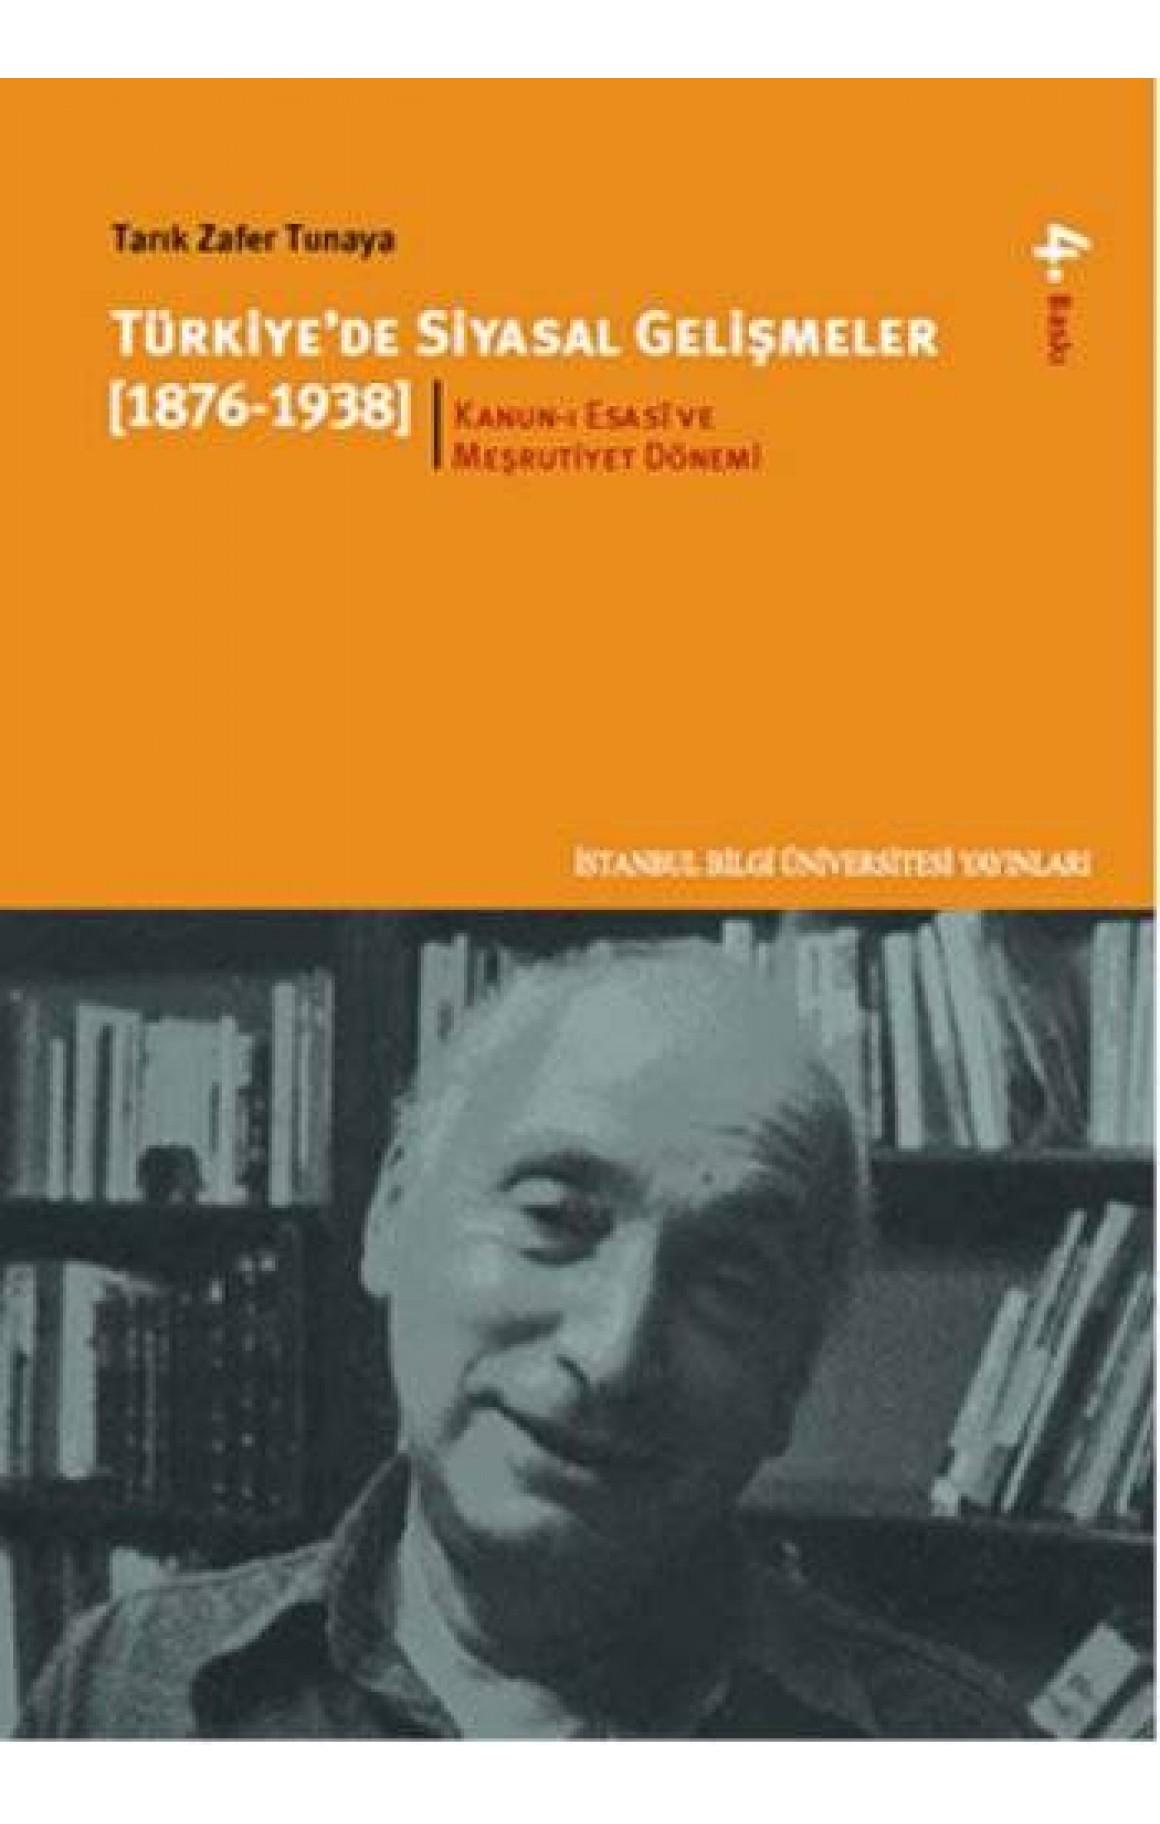 Türkiye'de Siyasal Gelişmeler 1 (1876-1938)